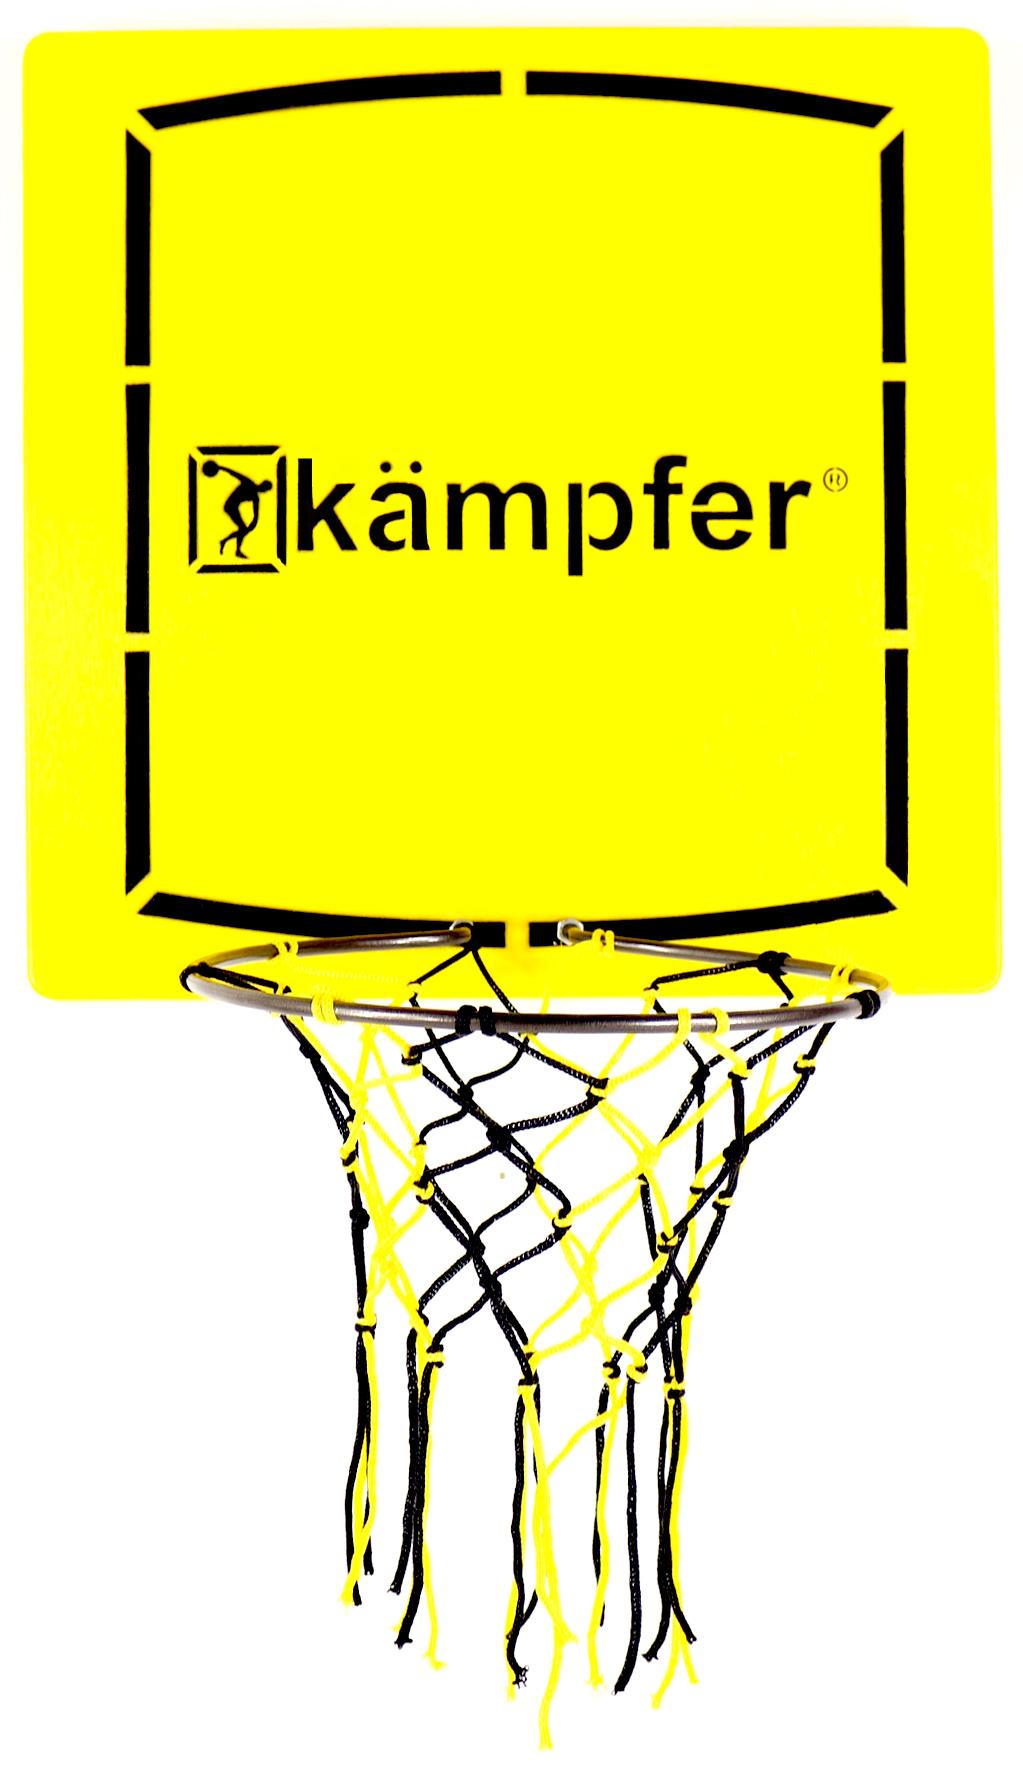 Баскетбольное кольцо Kampfer большое для детей и взрослых в квартиру